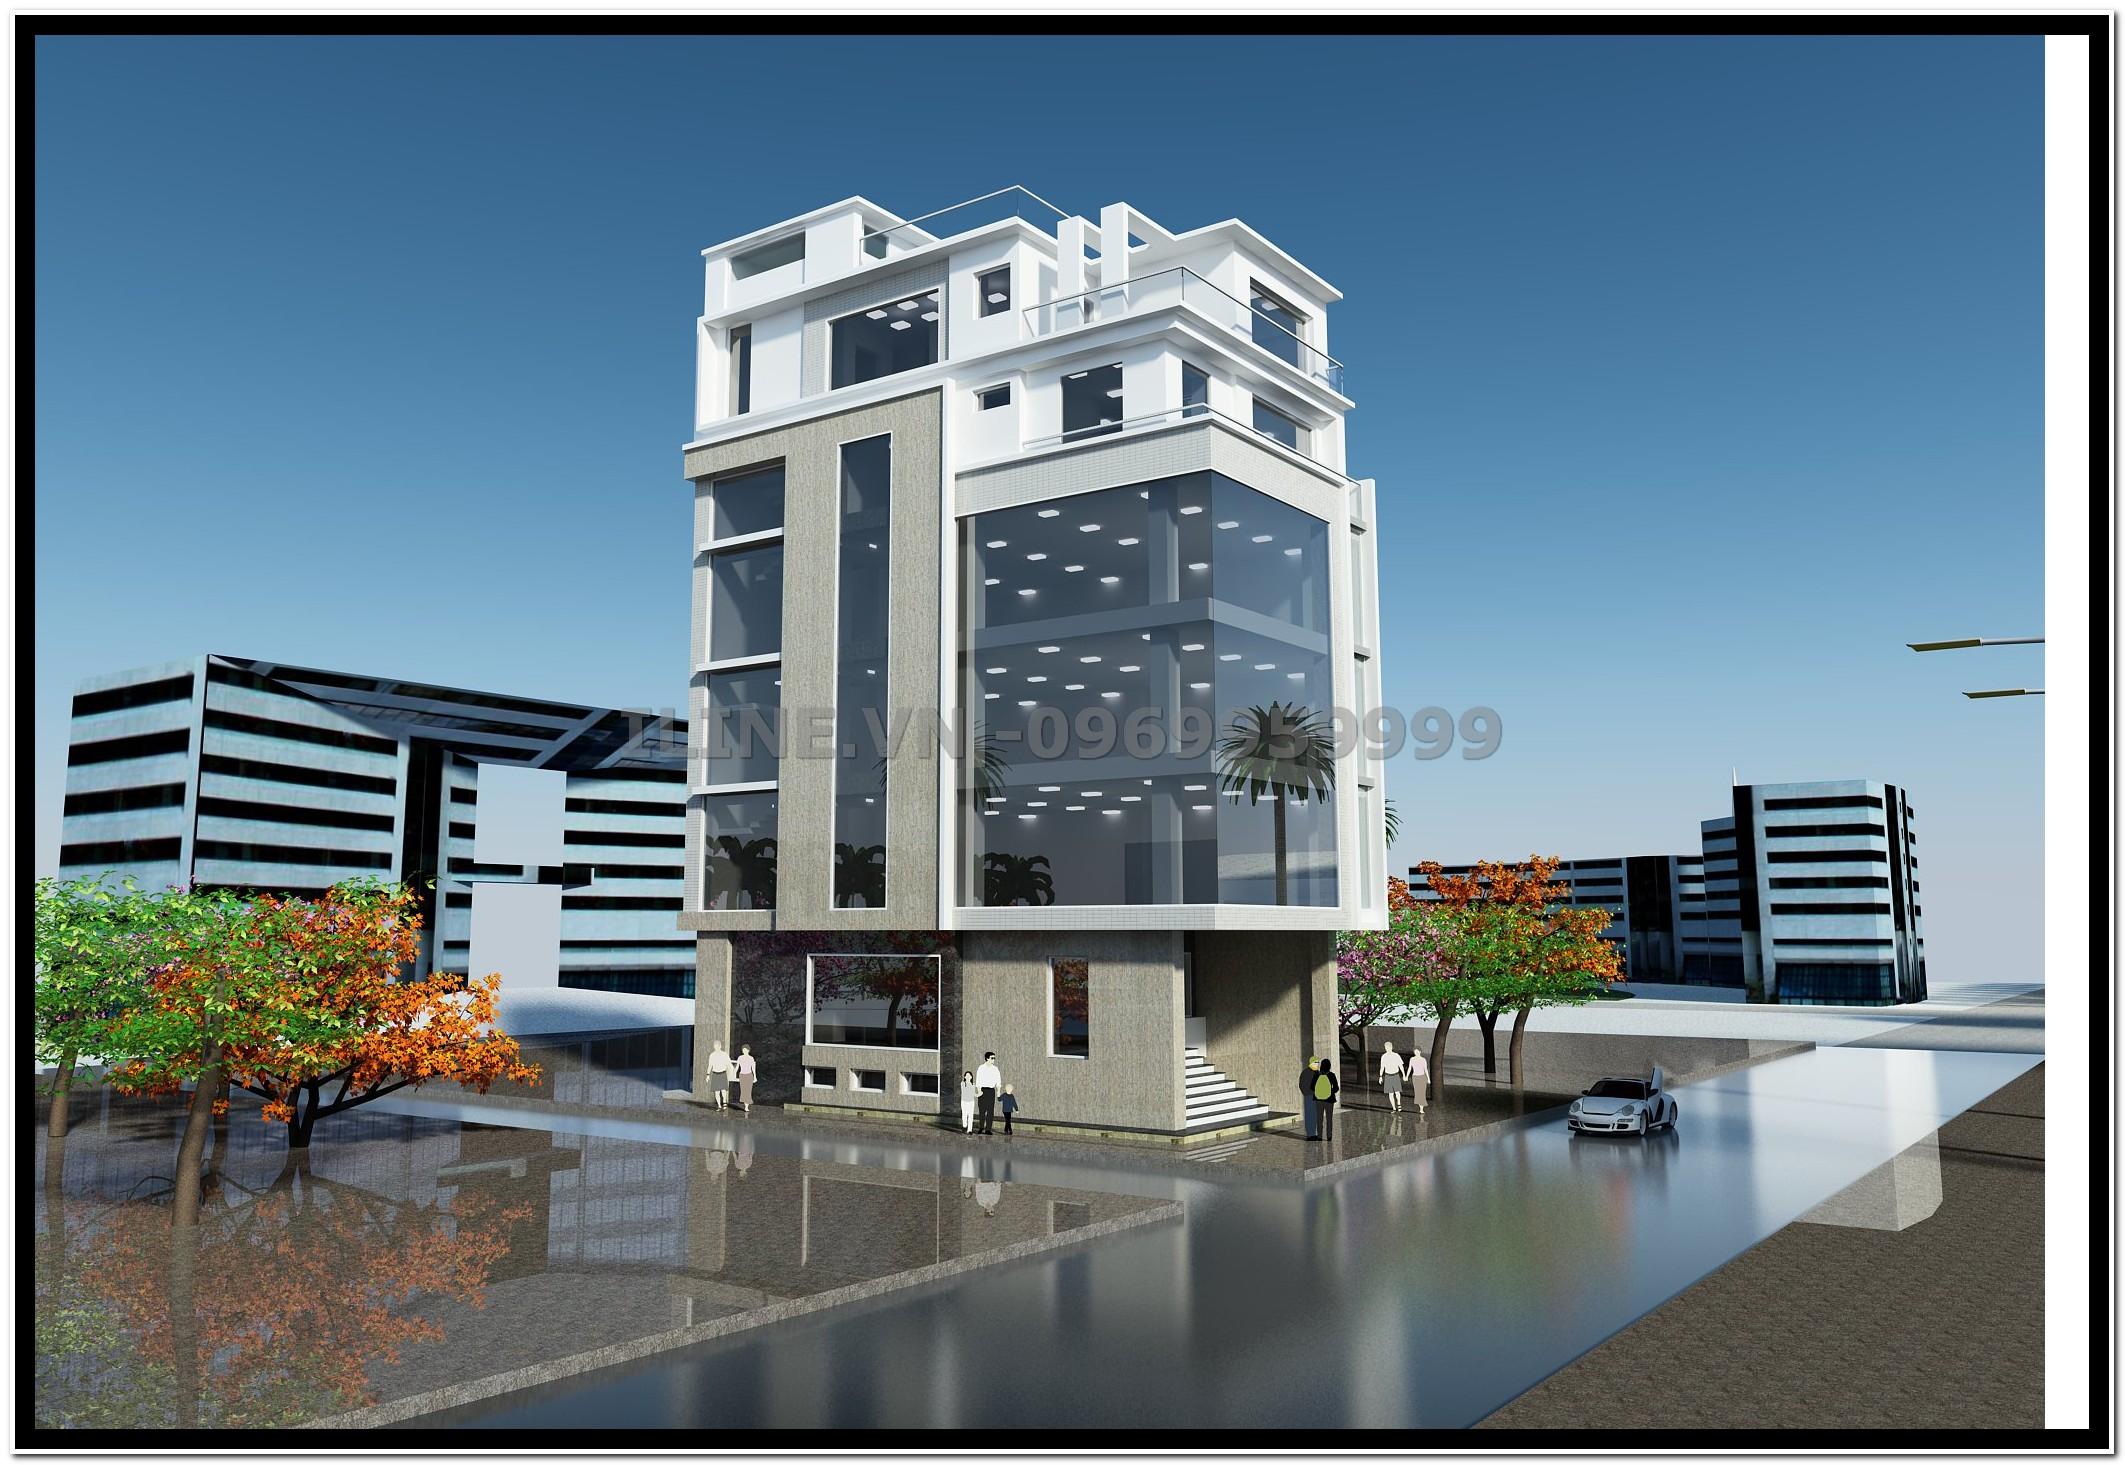 Tòa nhà văn phòng Xuân Tú - Cẩm Phả - 2013